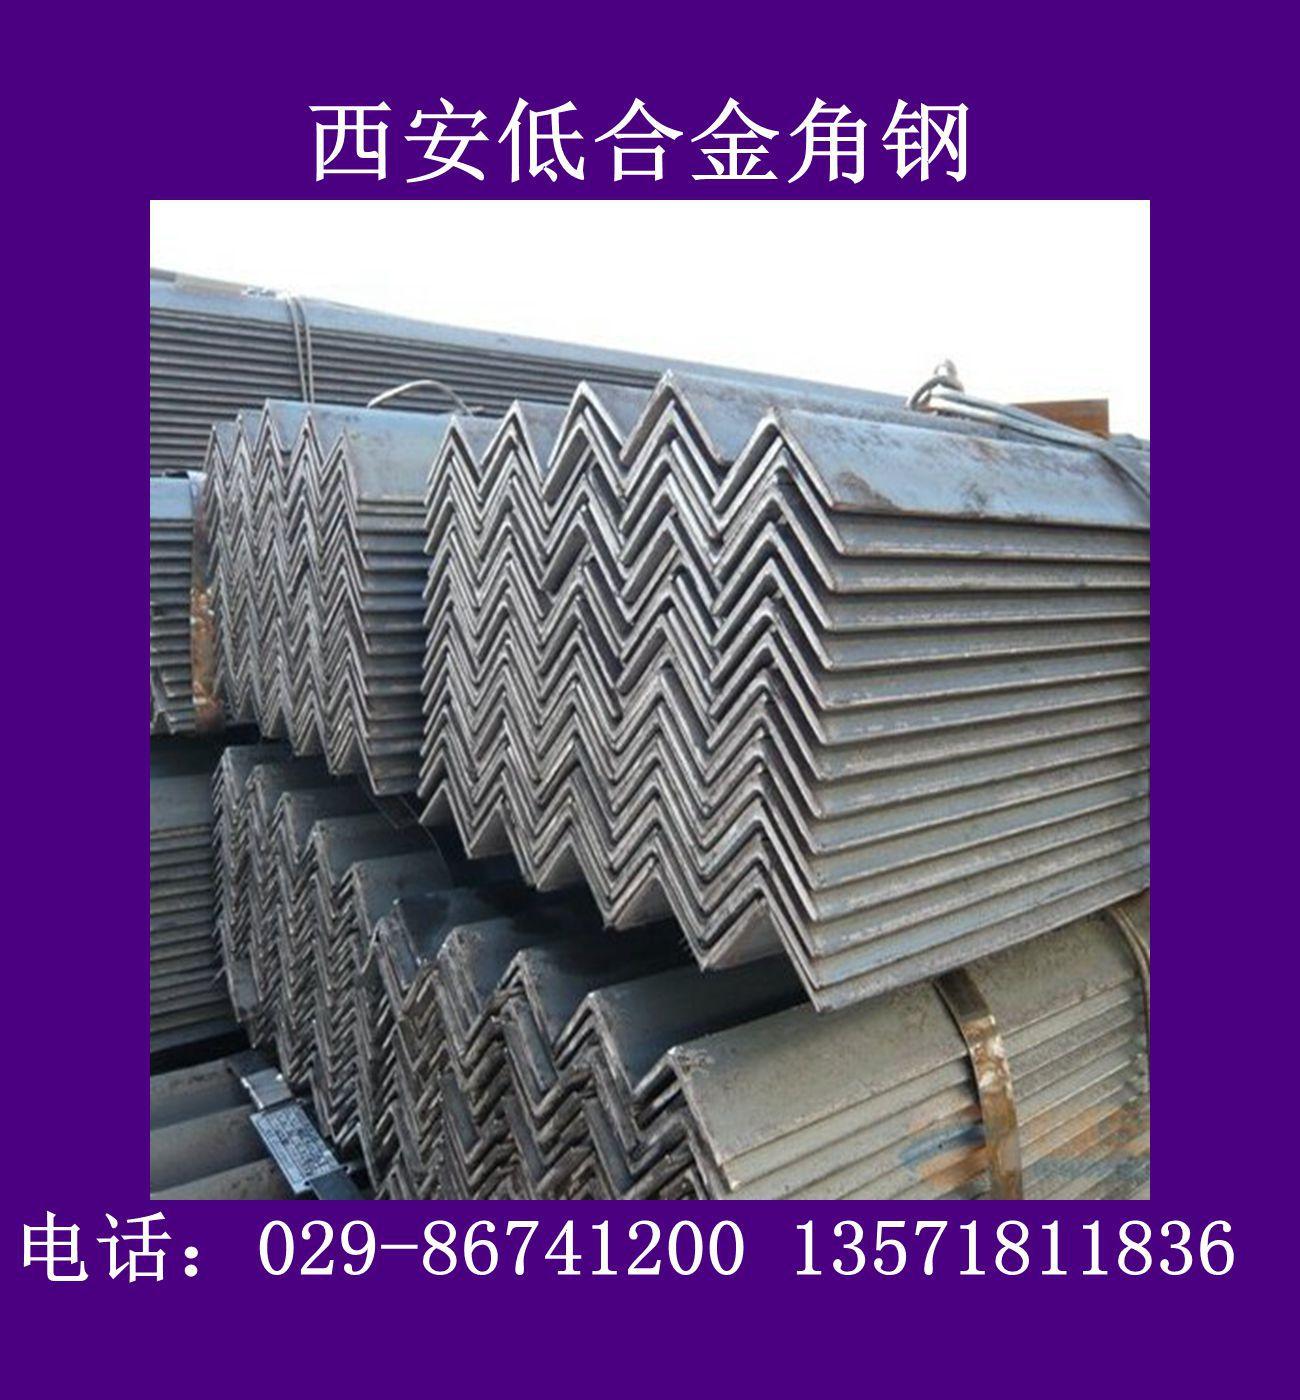 蘭州角鋼鍍鋅角鋼低合金角鋼16Mn角鋼廠家直銷